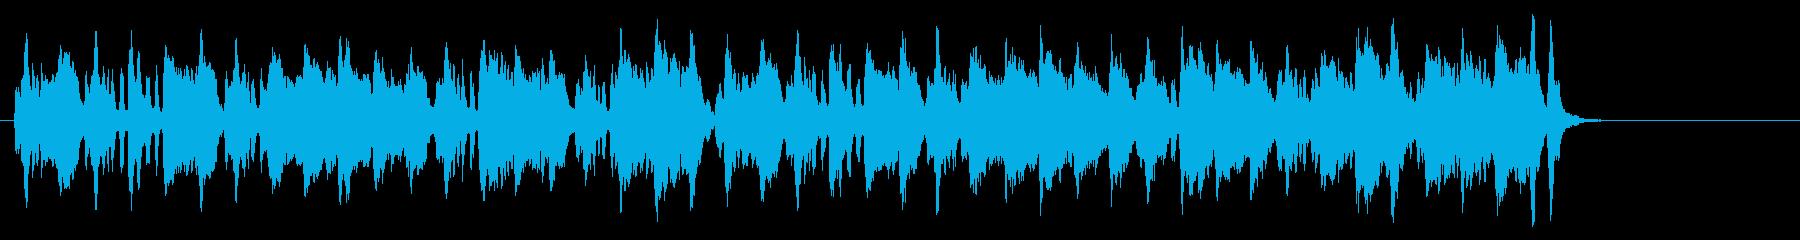 メルヘン・タッチののどかなクラシックの再生済みの波形